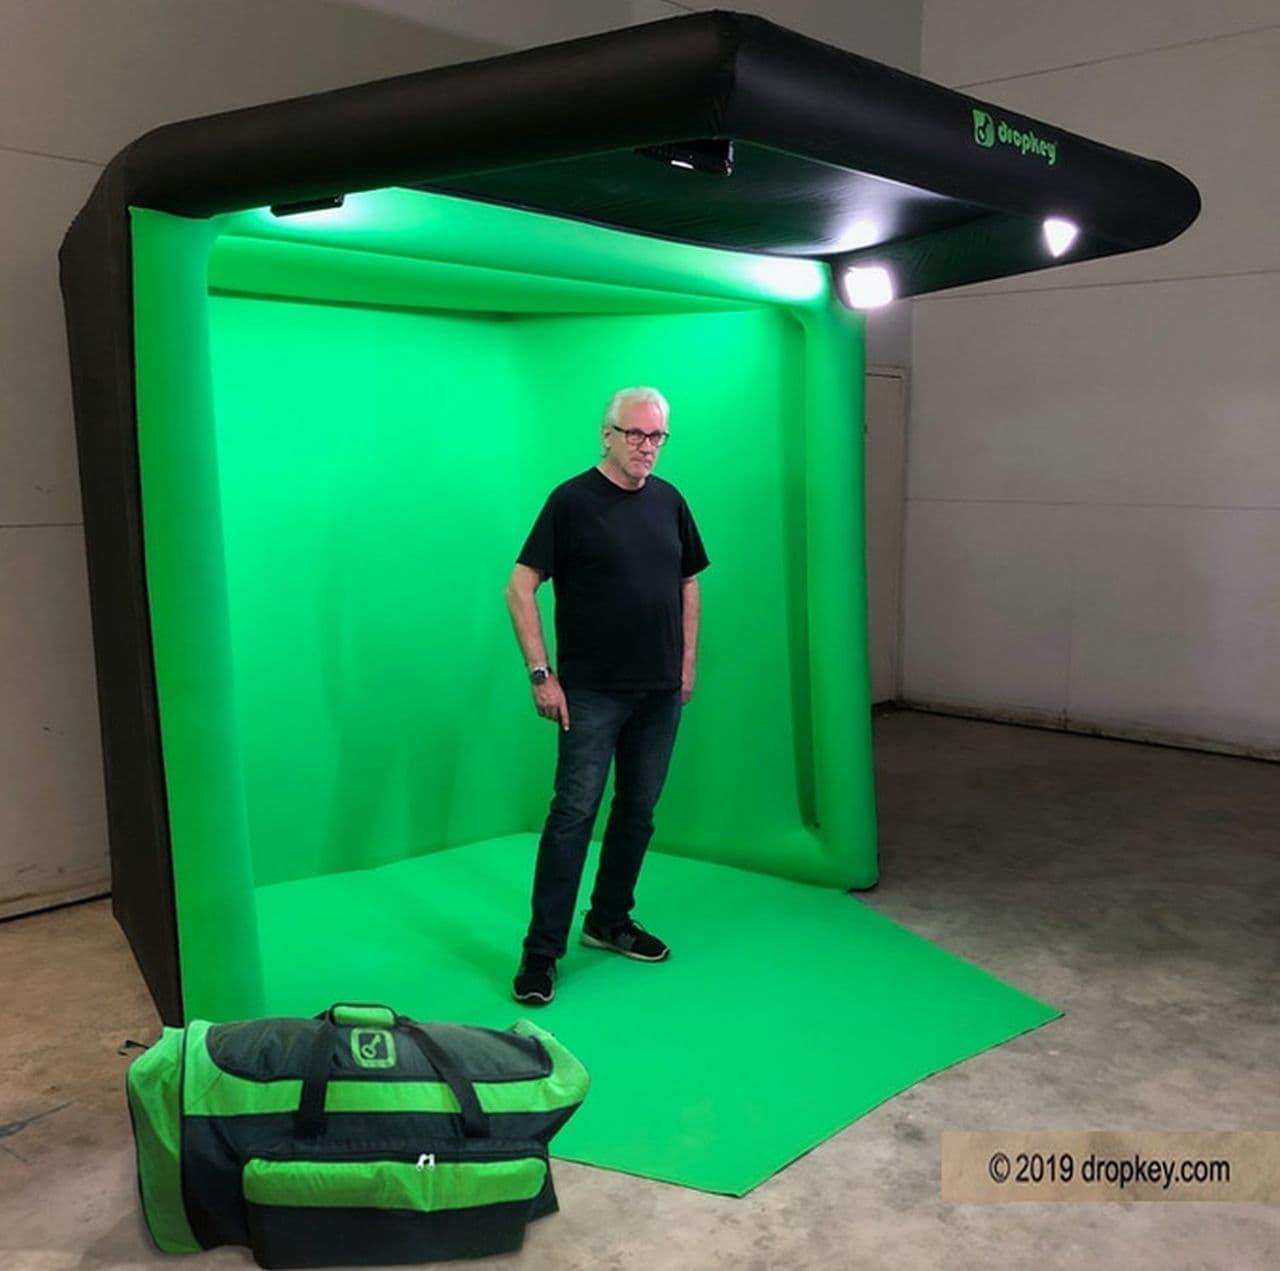 手軽にグリーンバック合成ができる「DropKey」 空気を入れれば約1分でスタジオに!